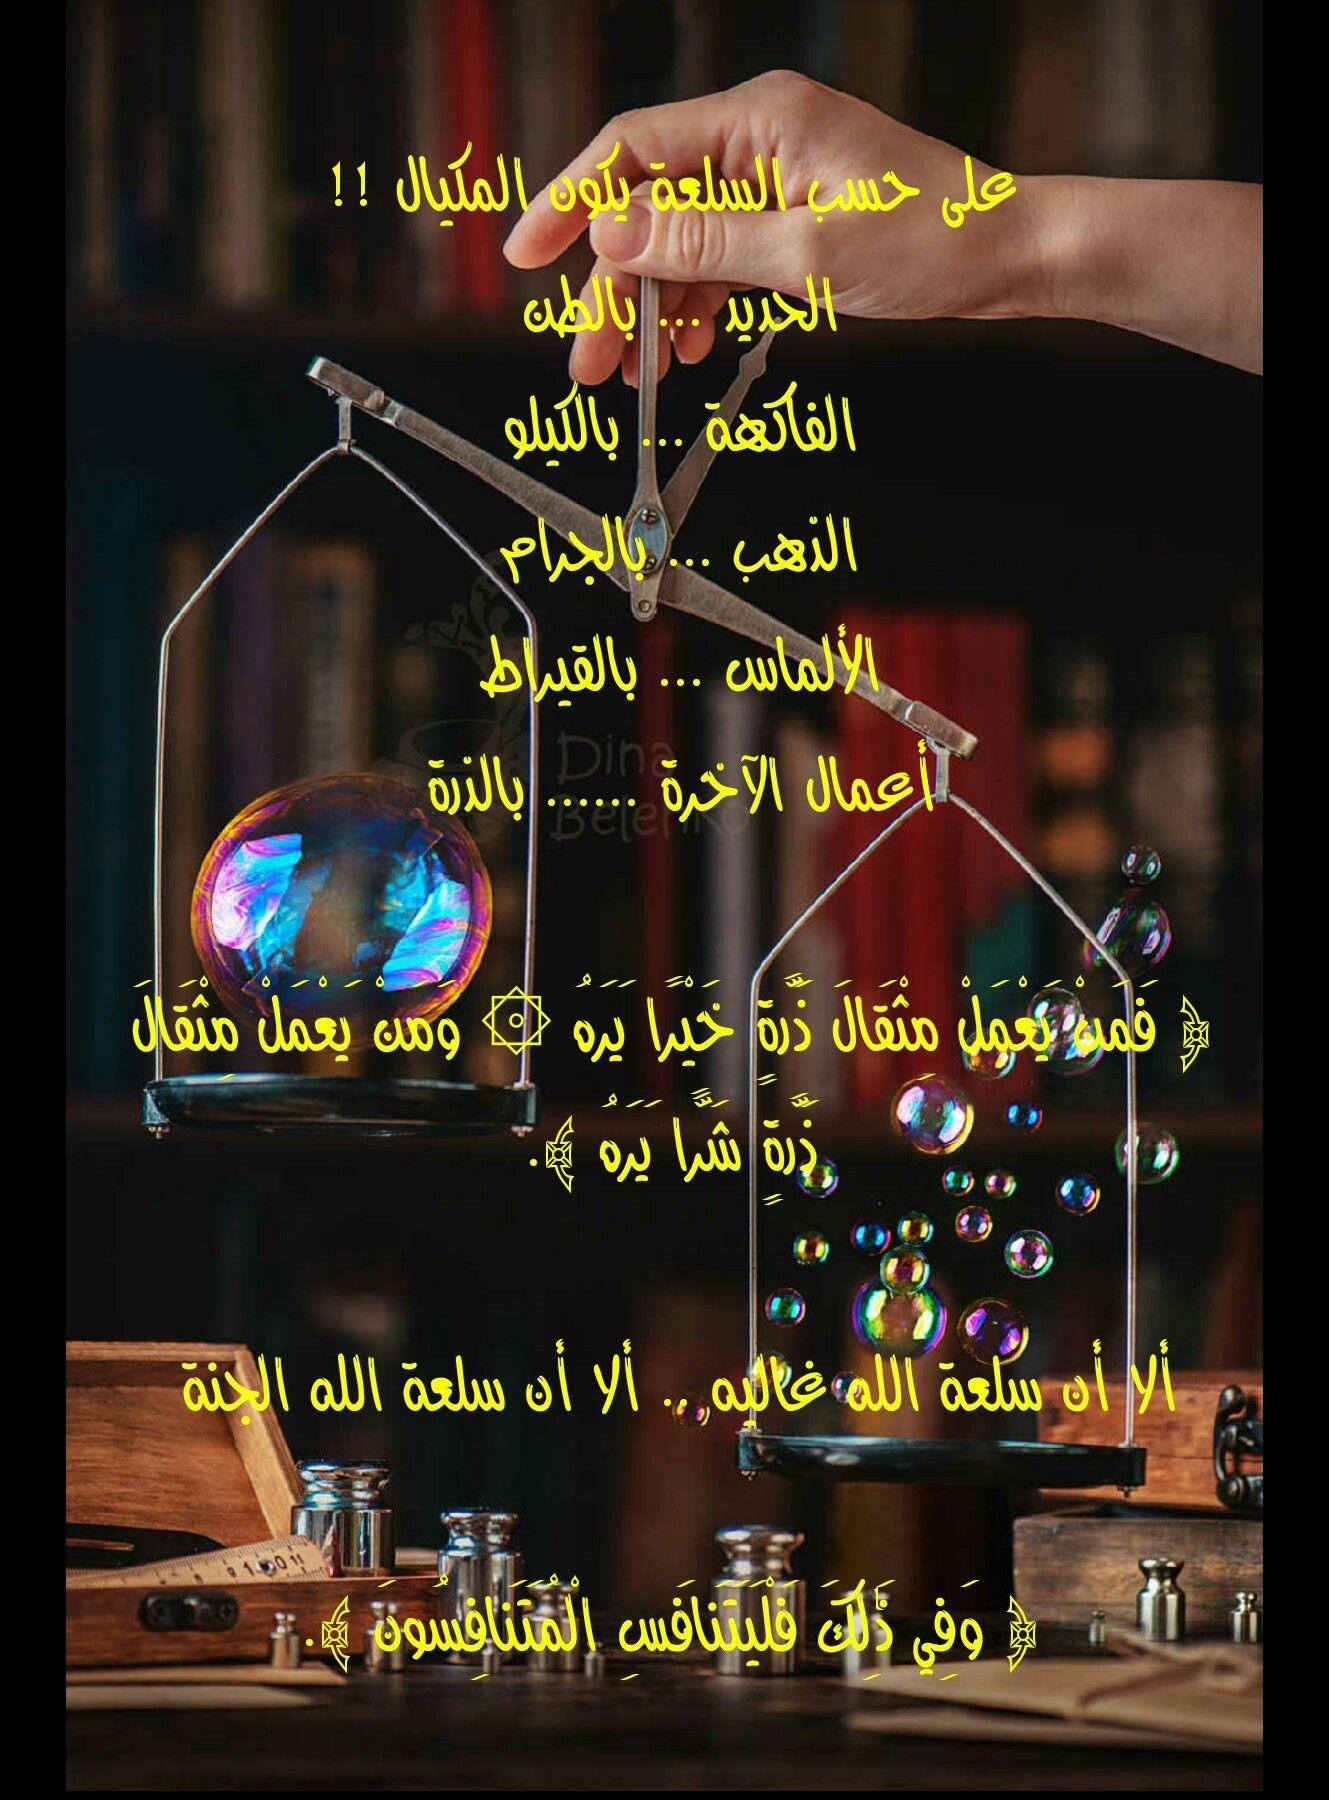 قال تعالى خ ت ام ه م س ك و ف ي ذ ل ك ف ل ي ت ن اف س ال م ت ن اف س ون المطففين آية 26